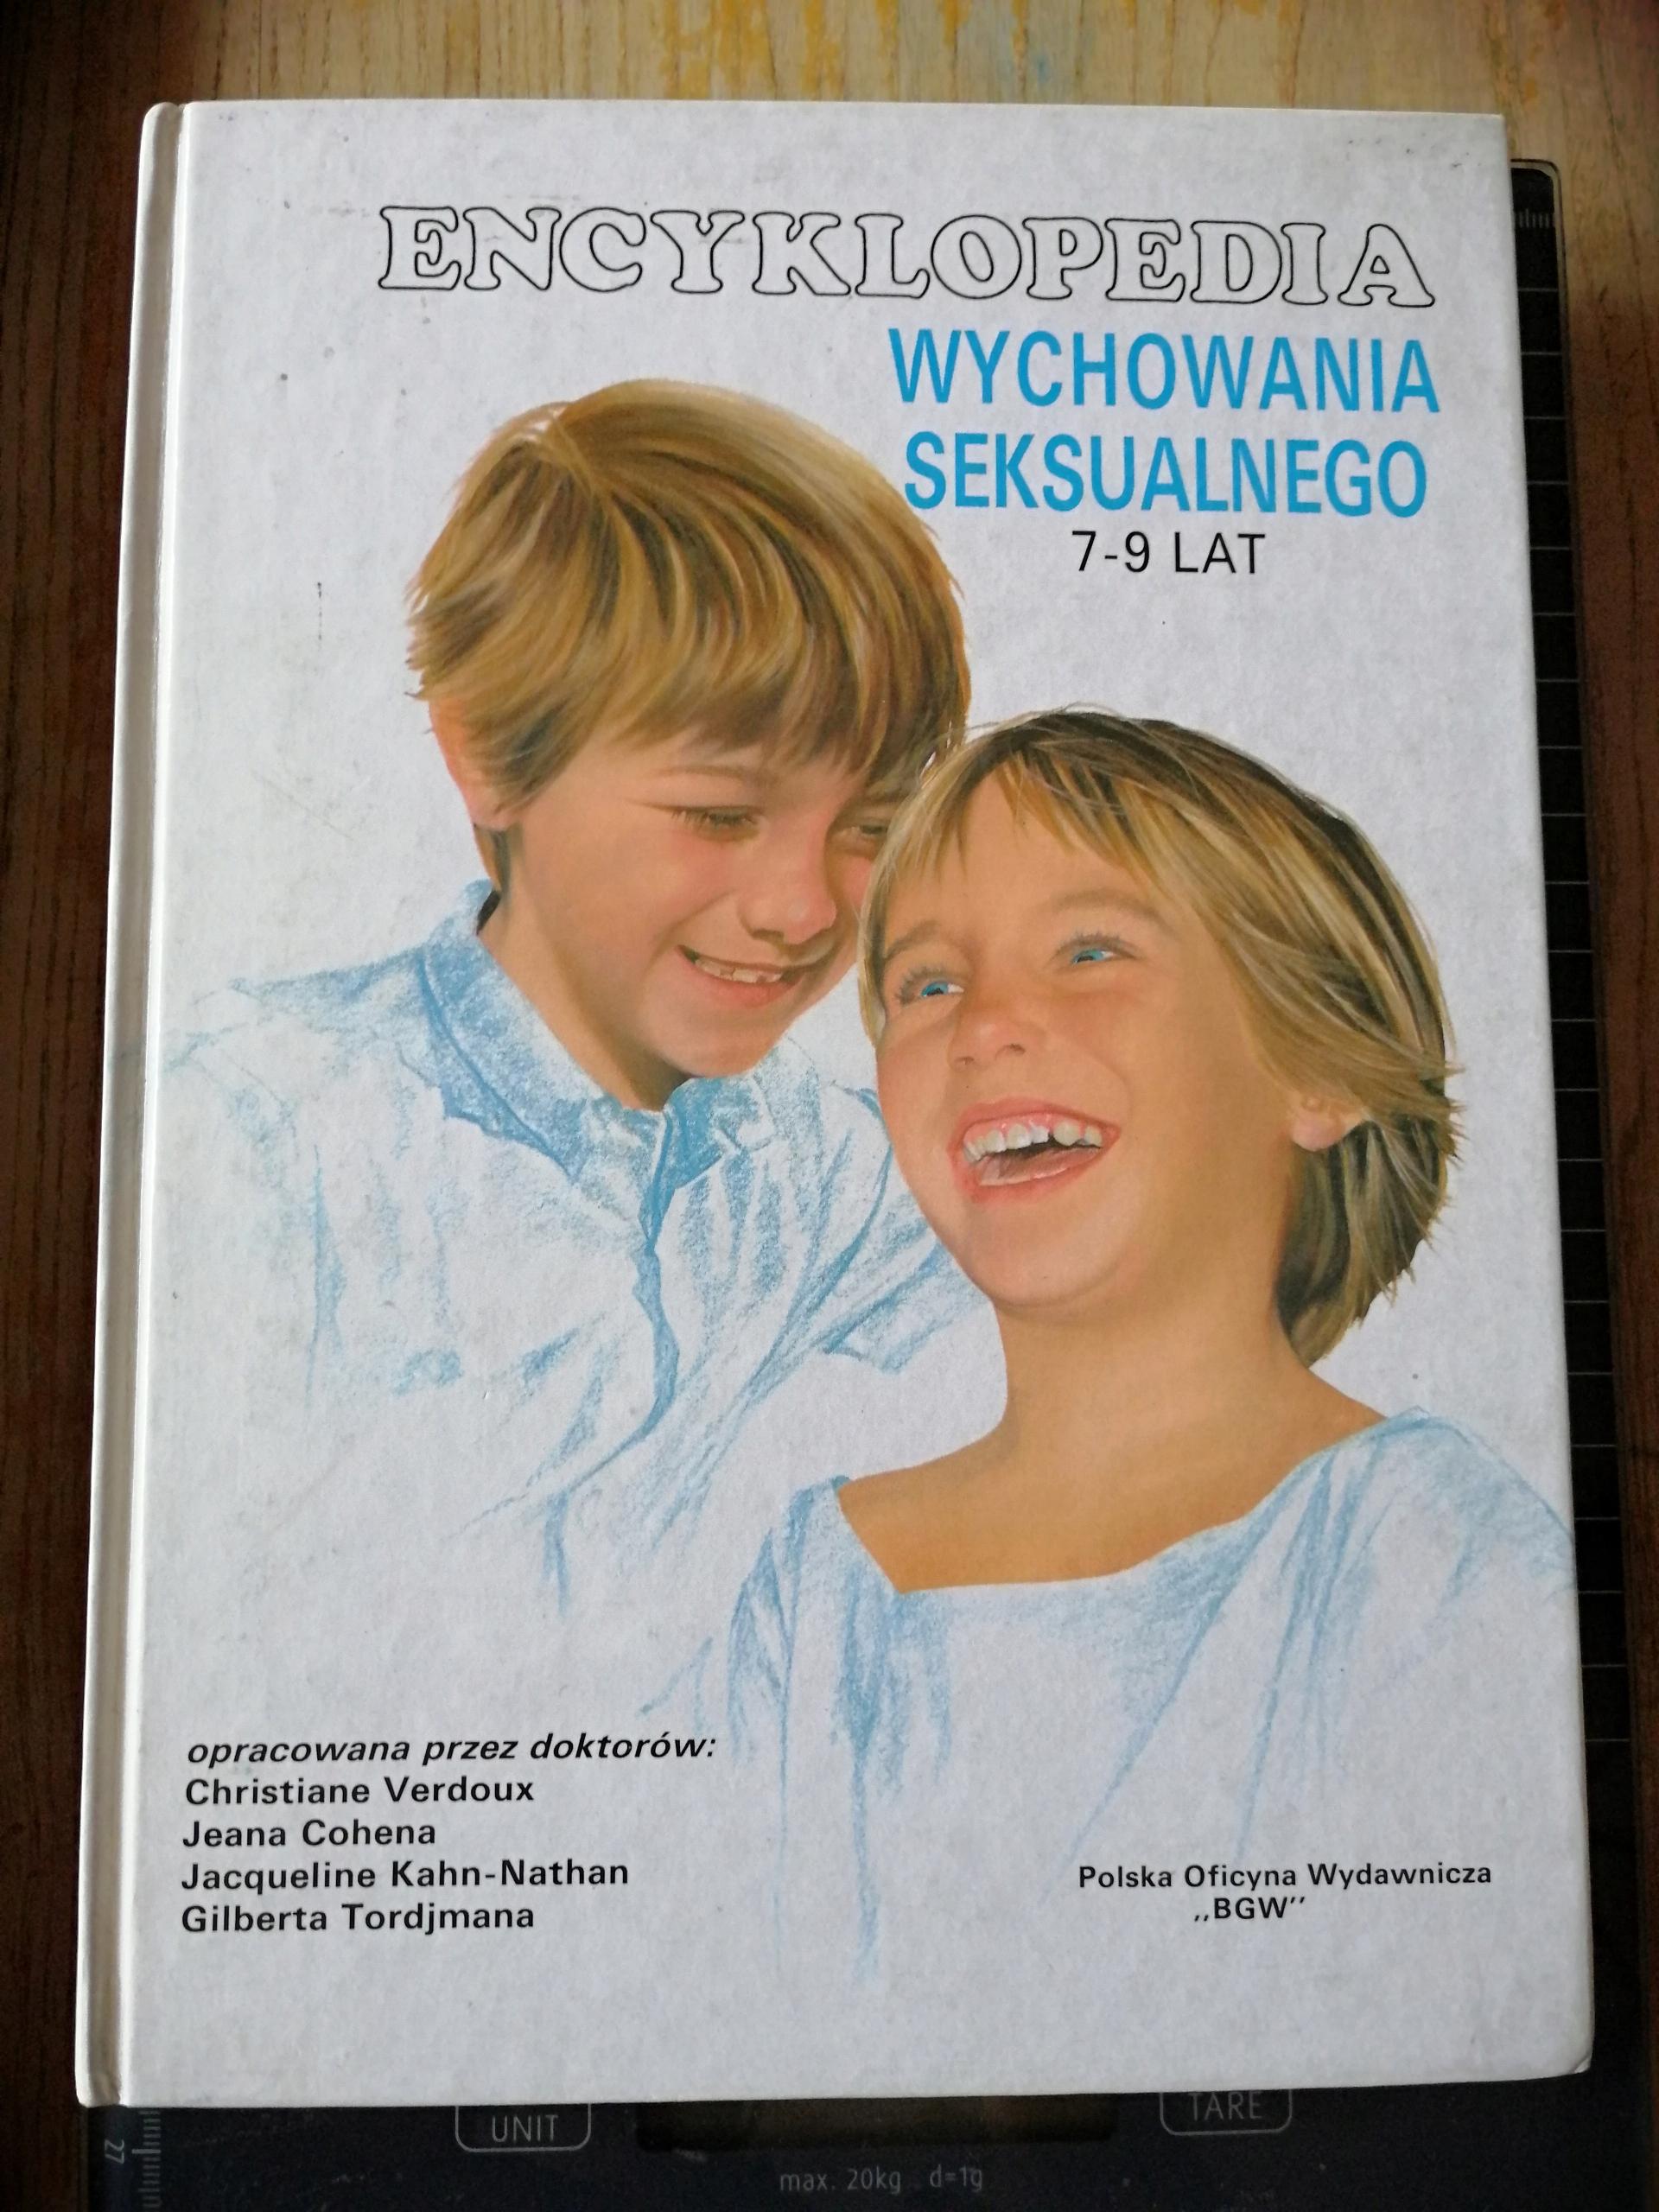 @ Encyklopedia wychowania seksualnego 7-9